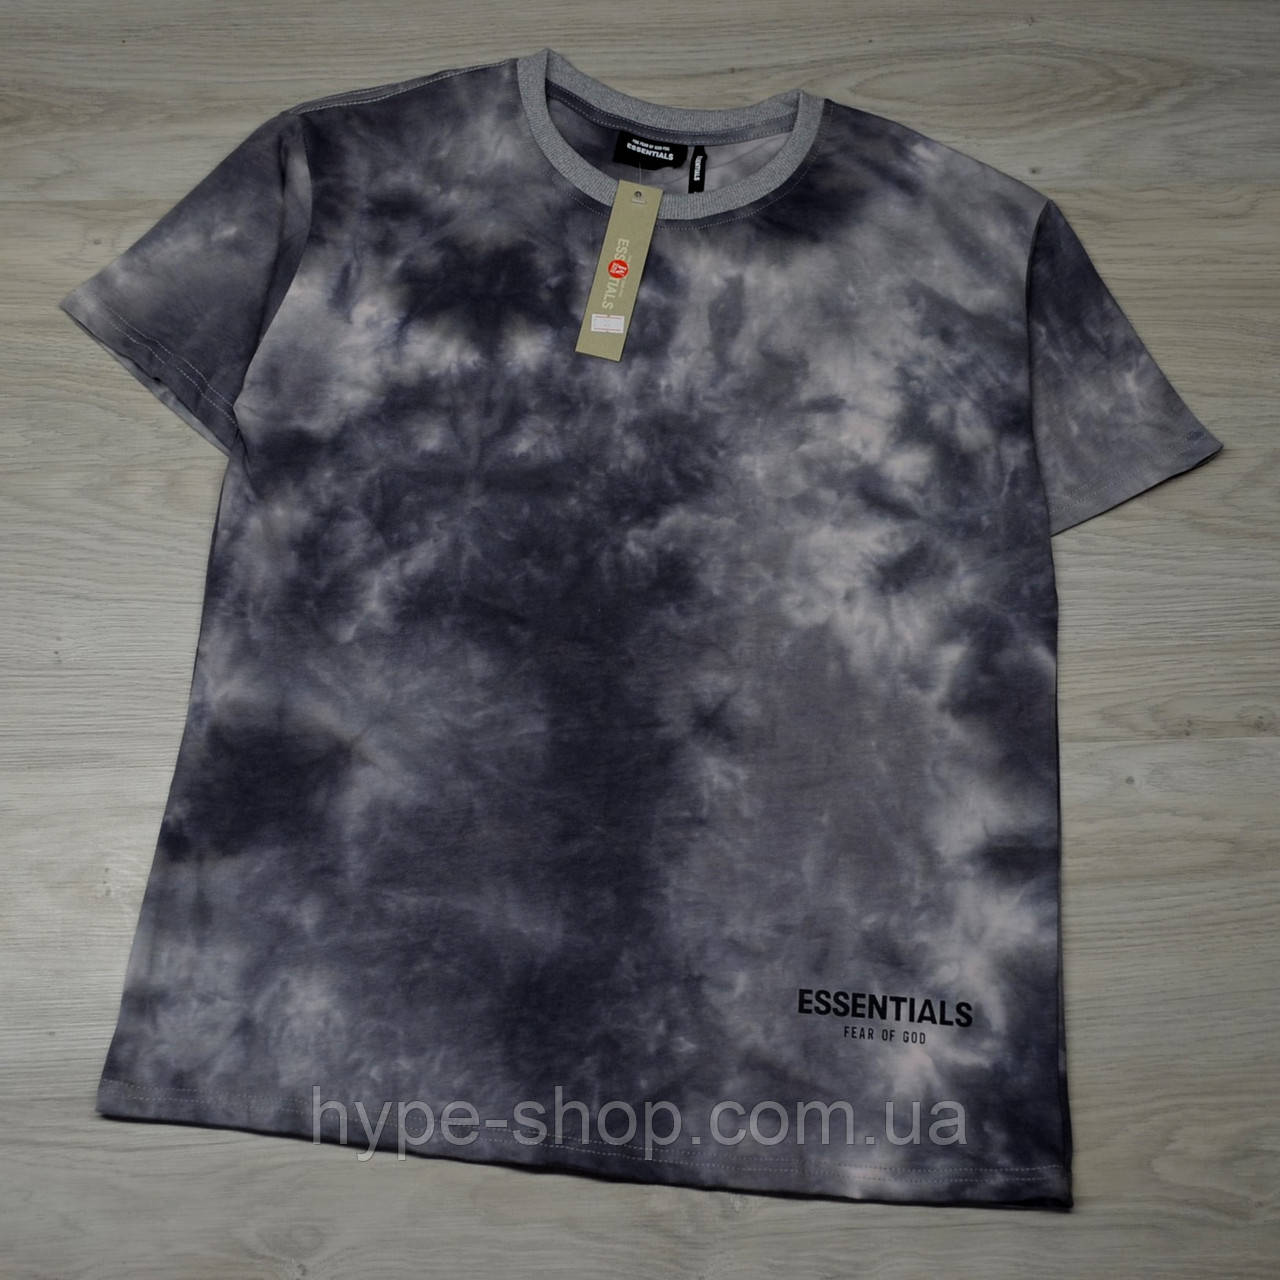 Мужская футболка ESSENTIALS Tie Dye light grey с качественным принтом